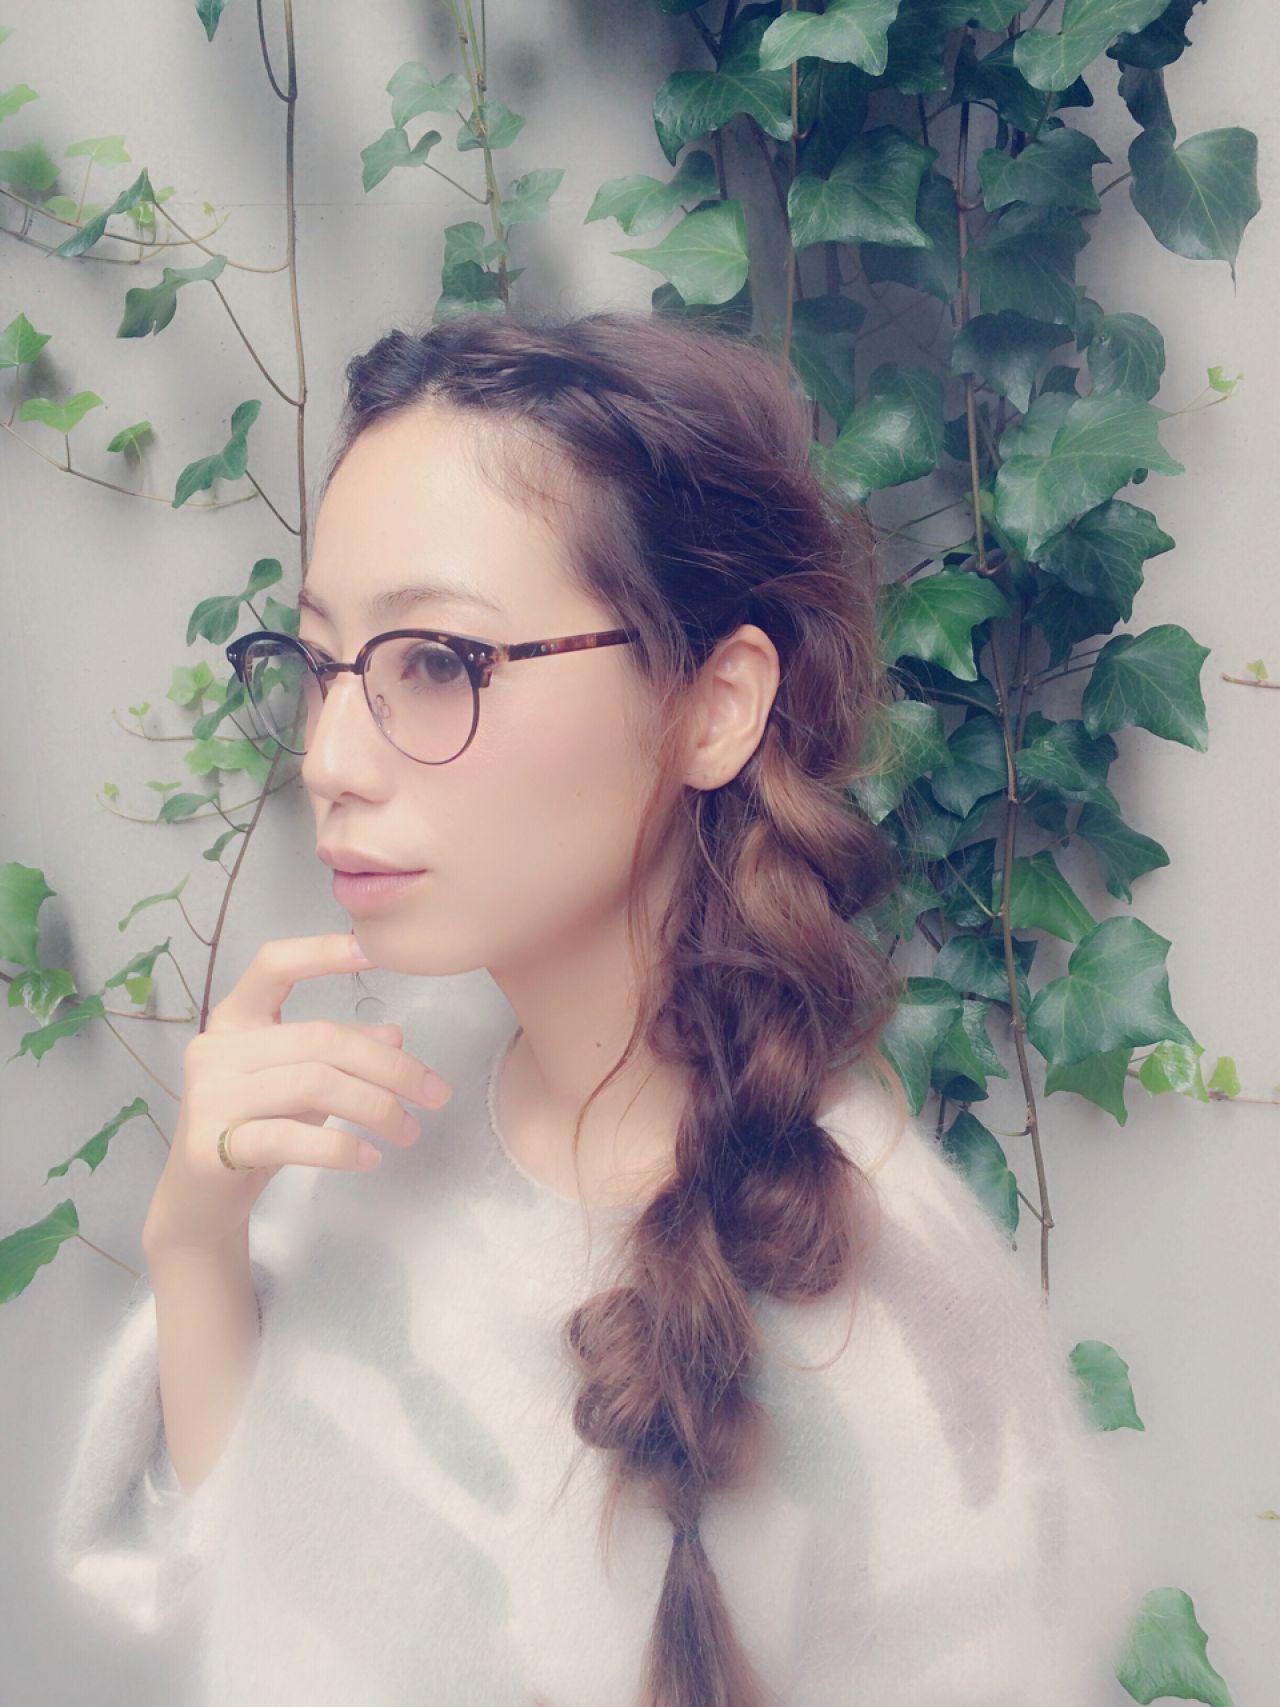 【ロングさん向け】髪が長いからこそ楽しむべき♪ヘアアレンジ12選 伊藤沙織